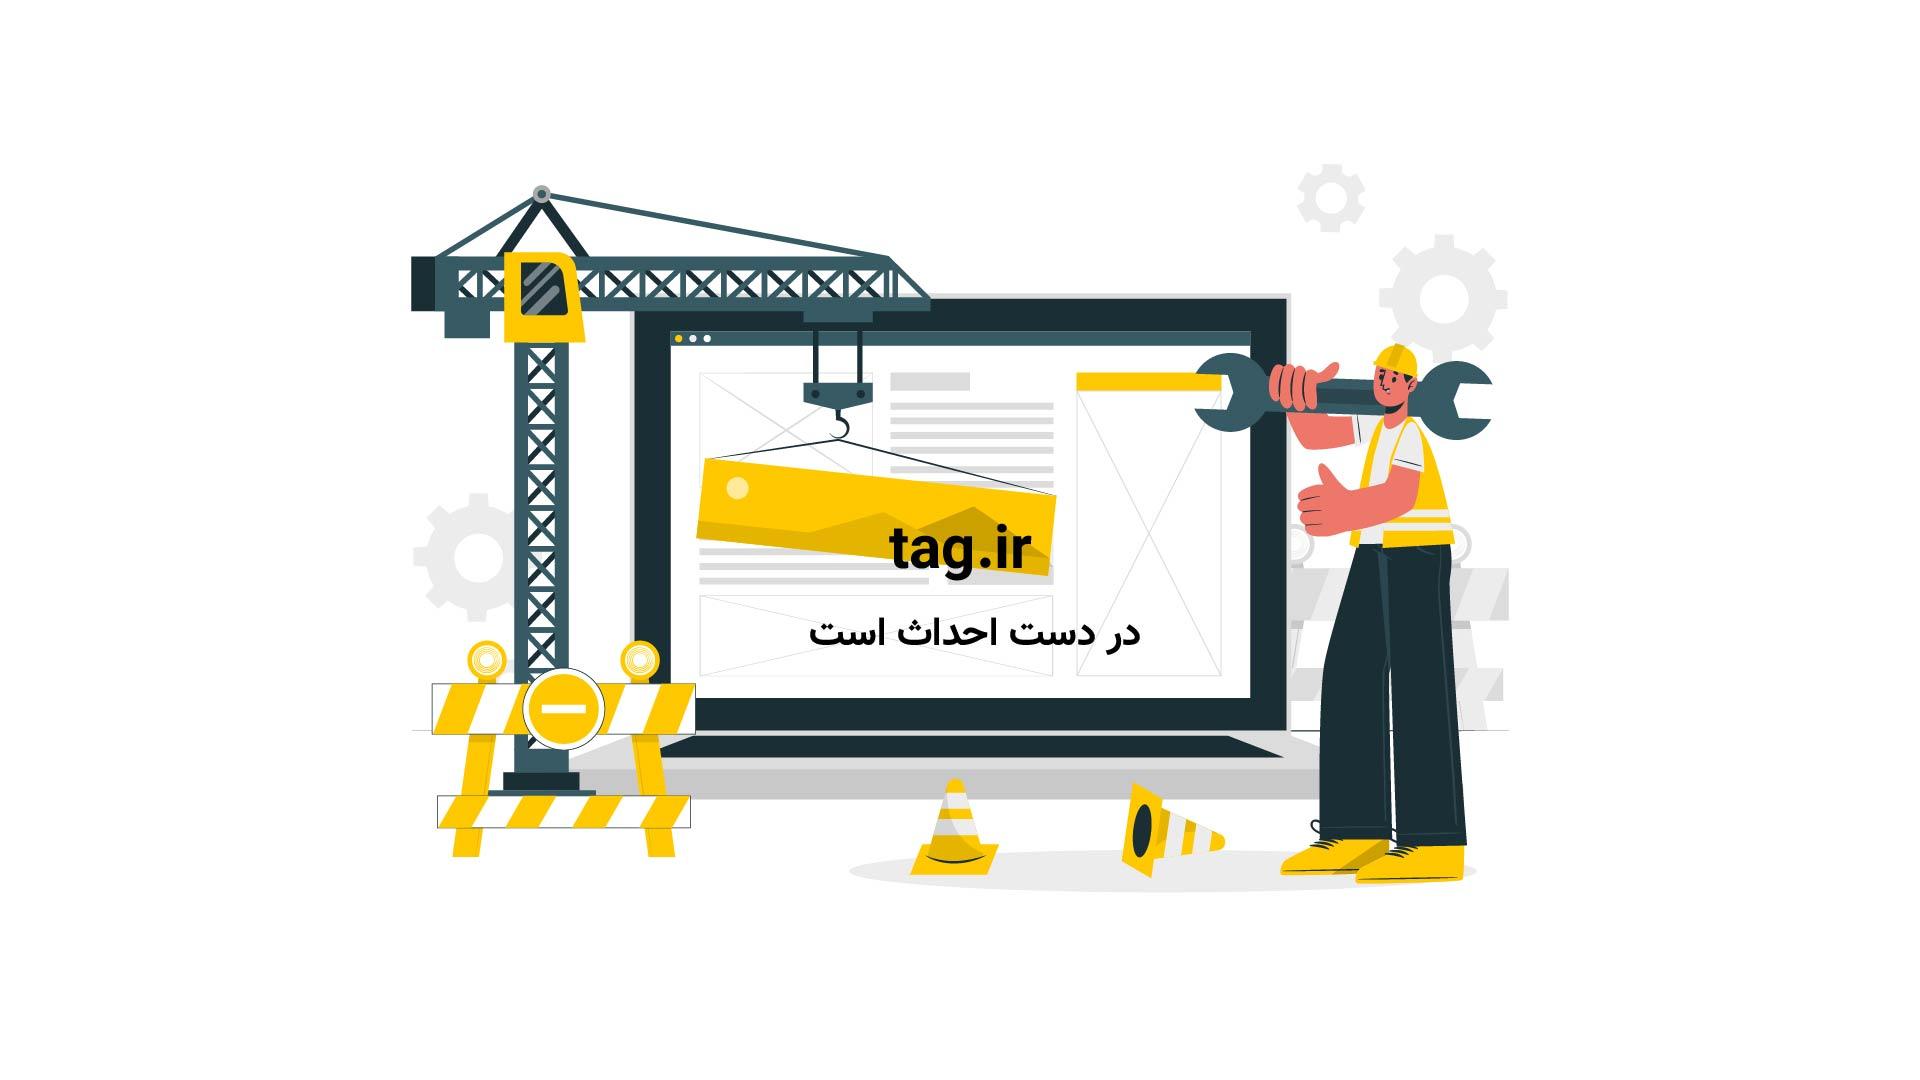 صحبت های علی لاریجانی در مراسم رژه دریایی نیروهای مسلح در بندرعباس | فیلم